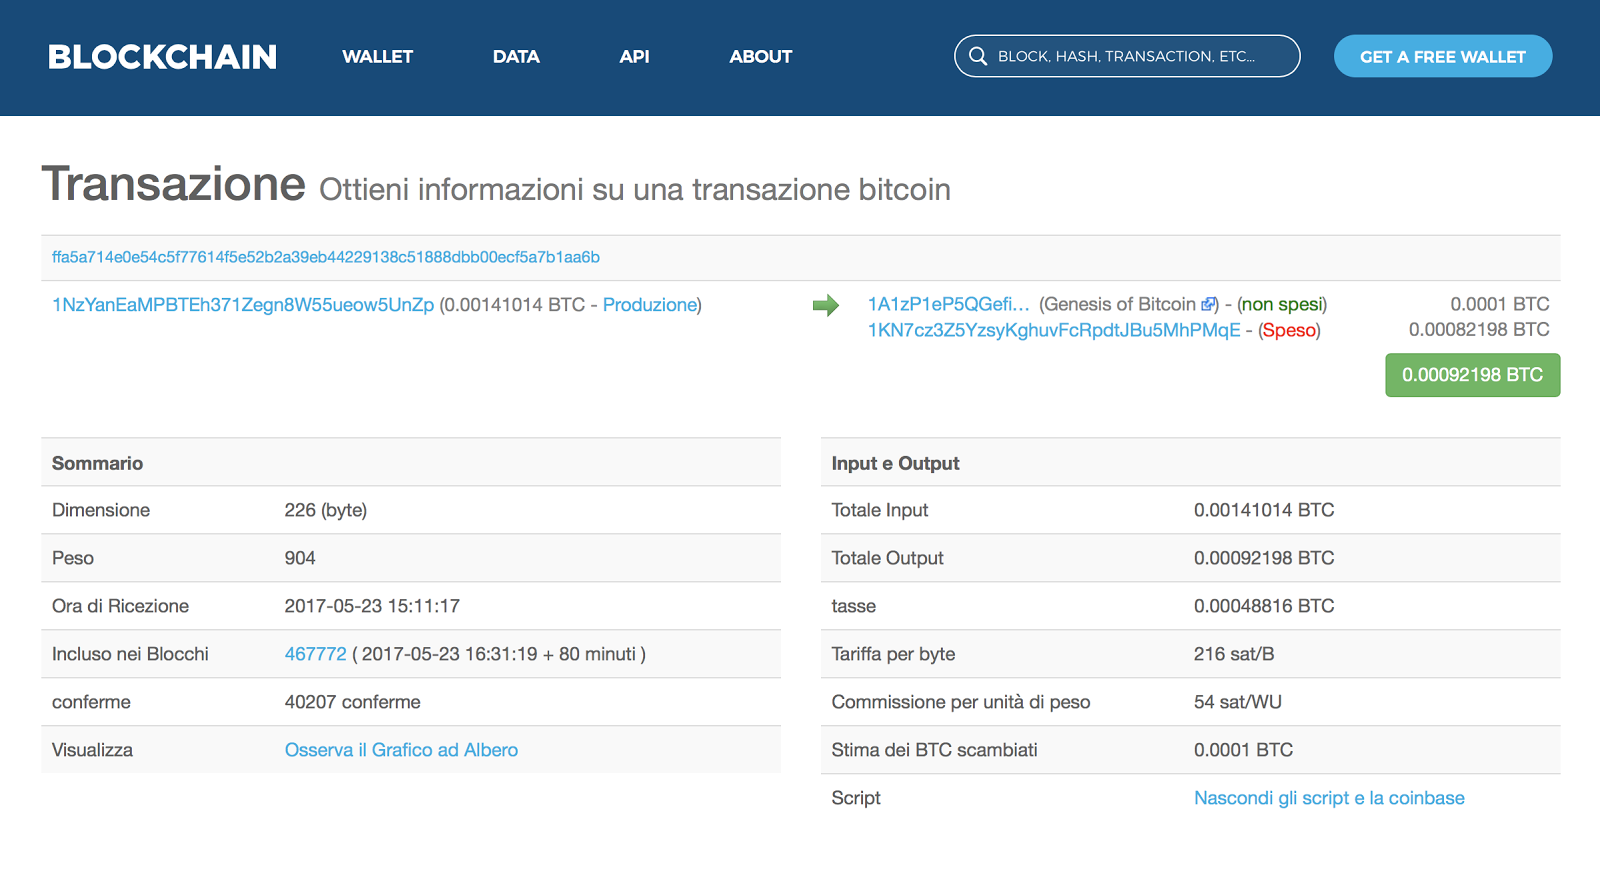 Come annullare una transazione Bitcoin